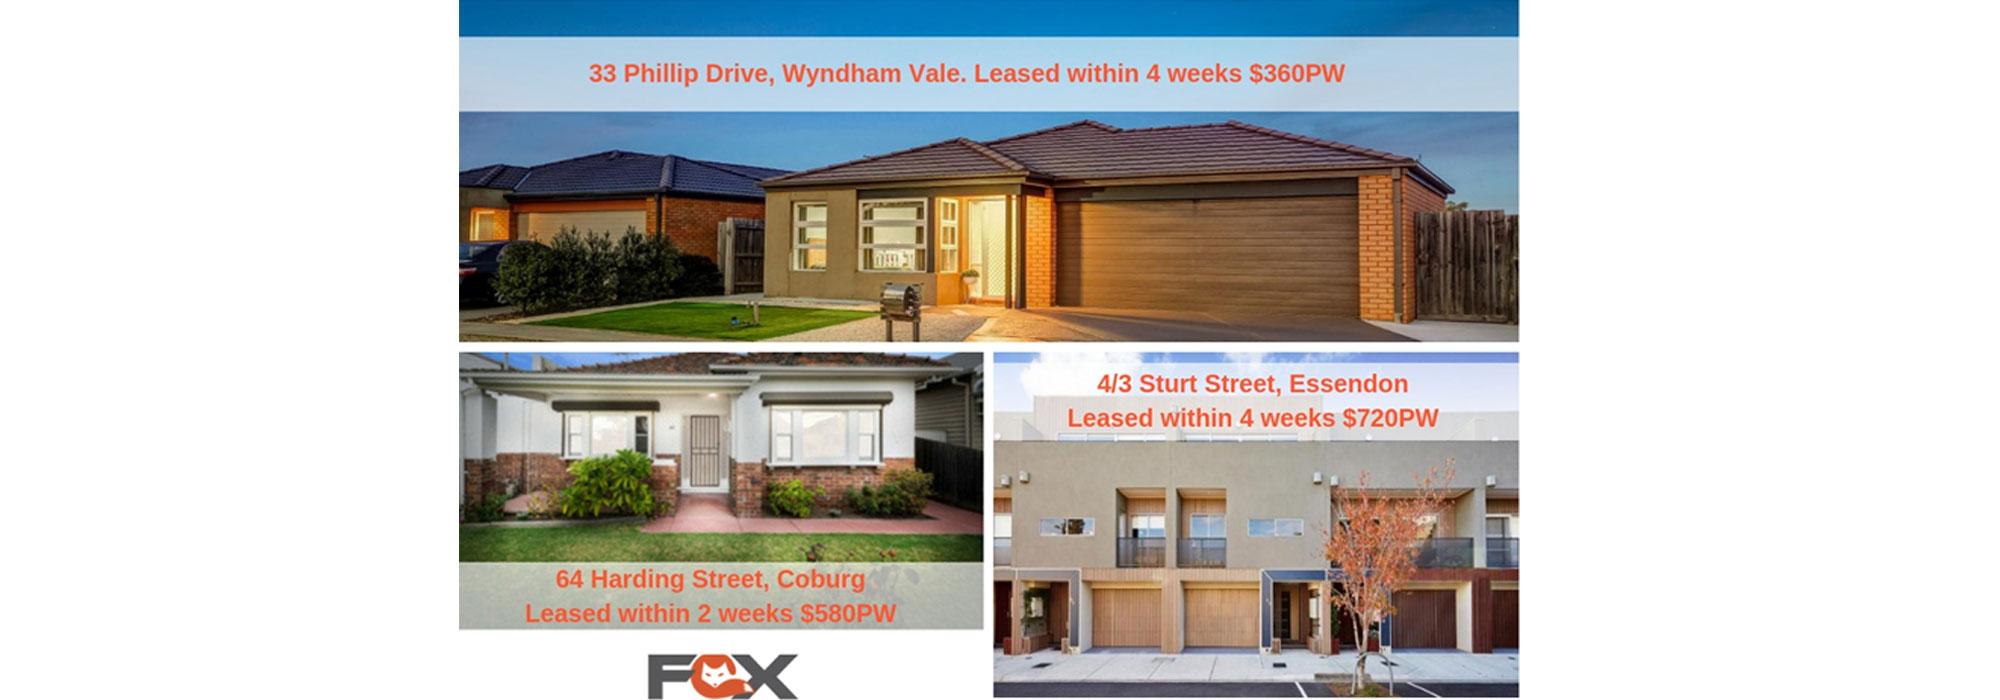 33 Phillp Drive,Wyndham Vale